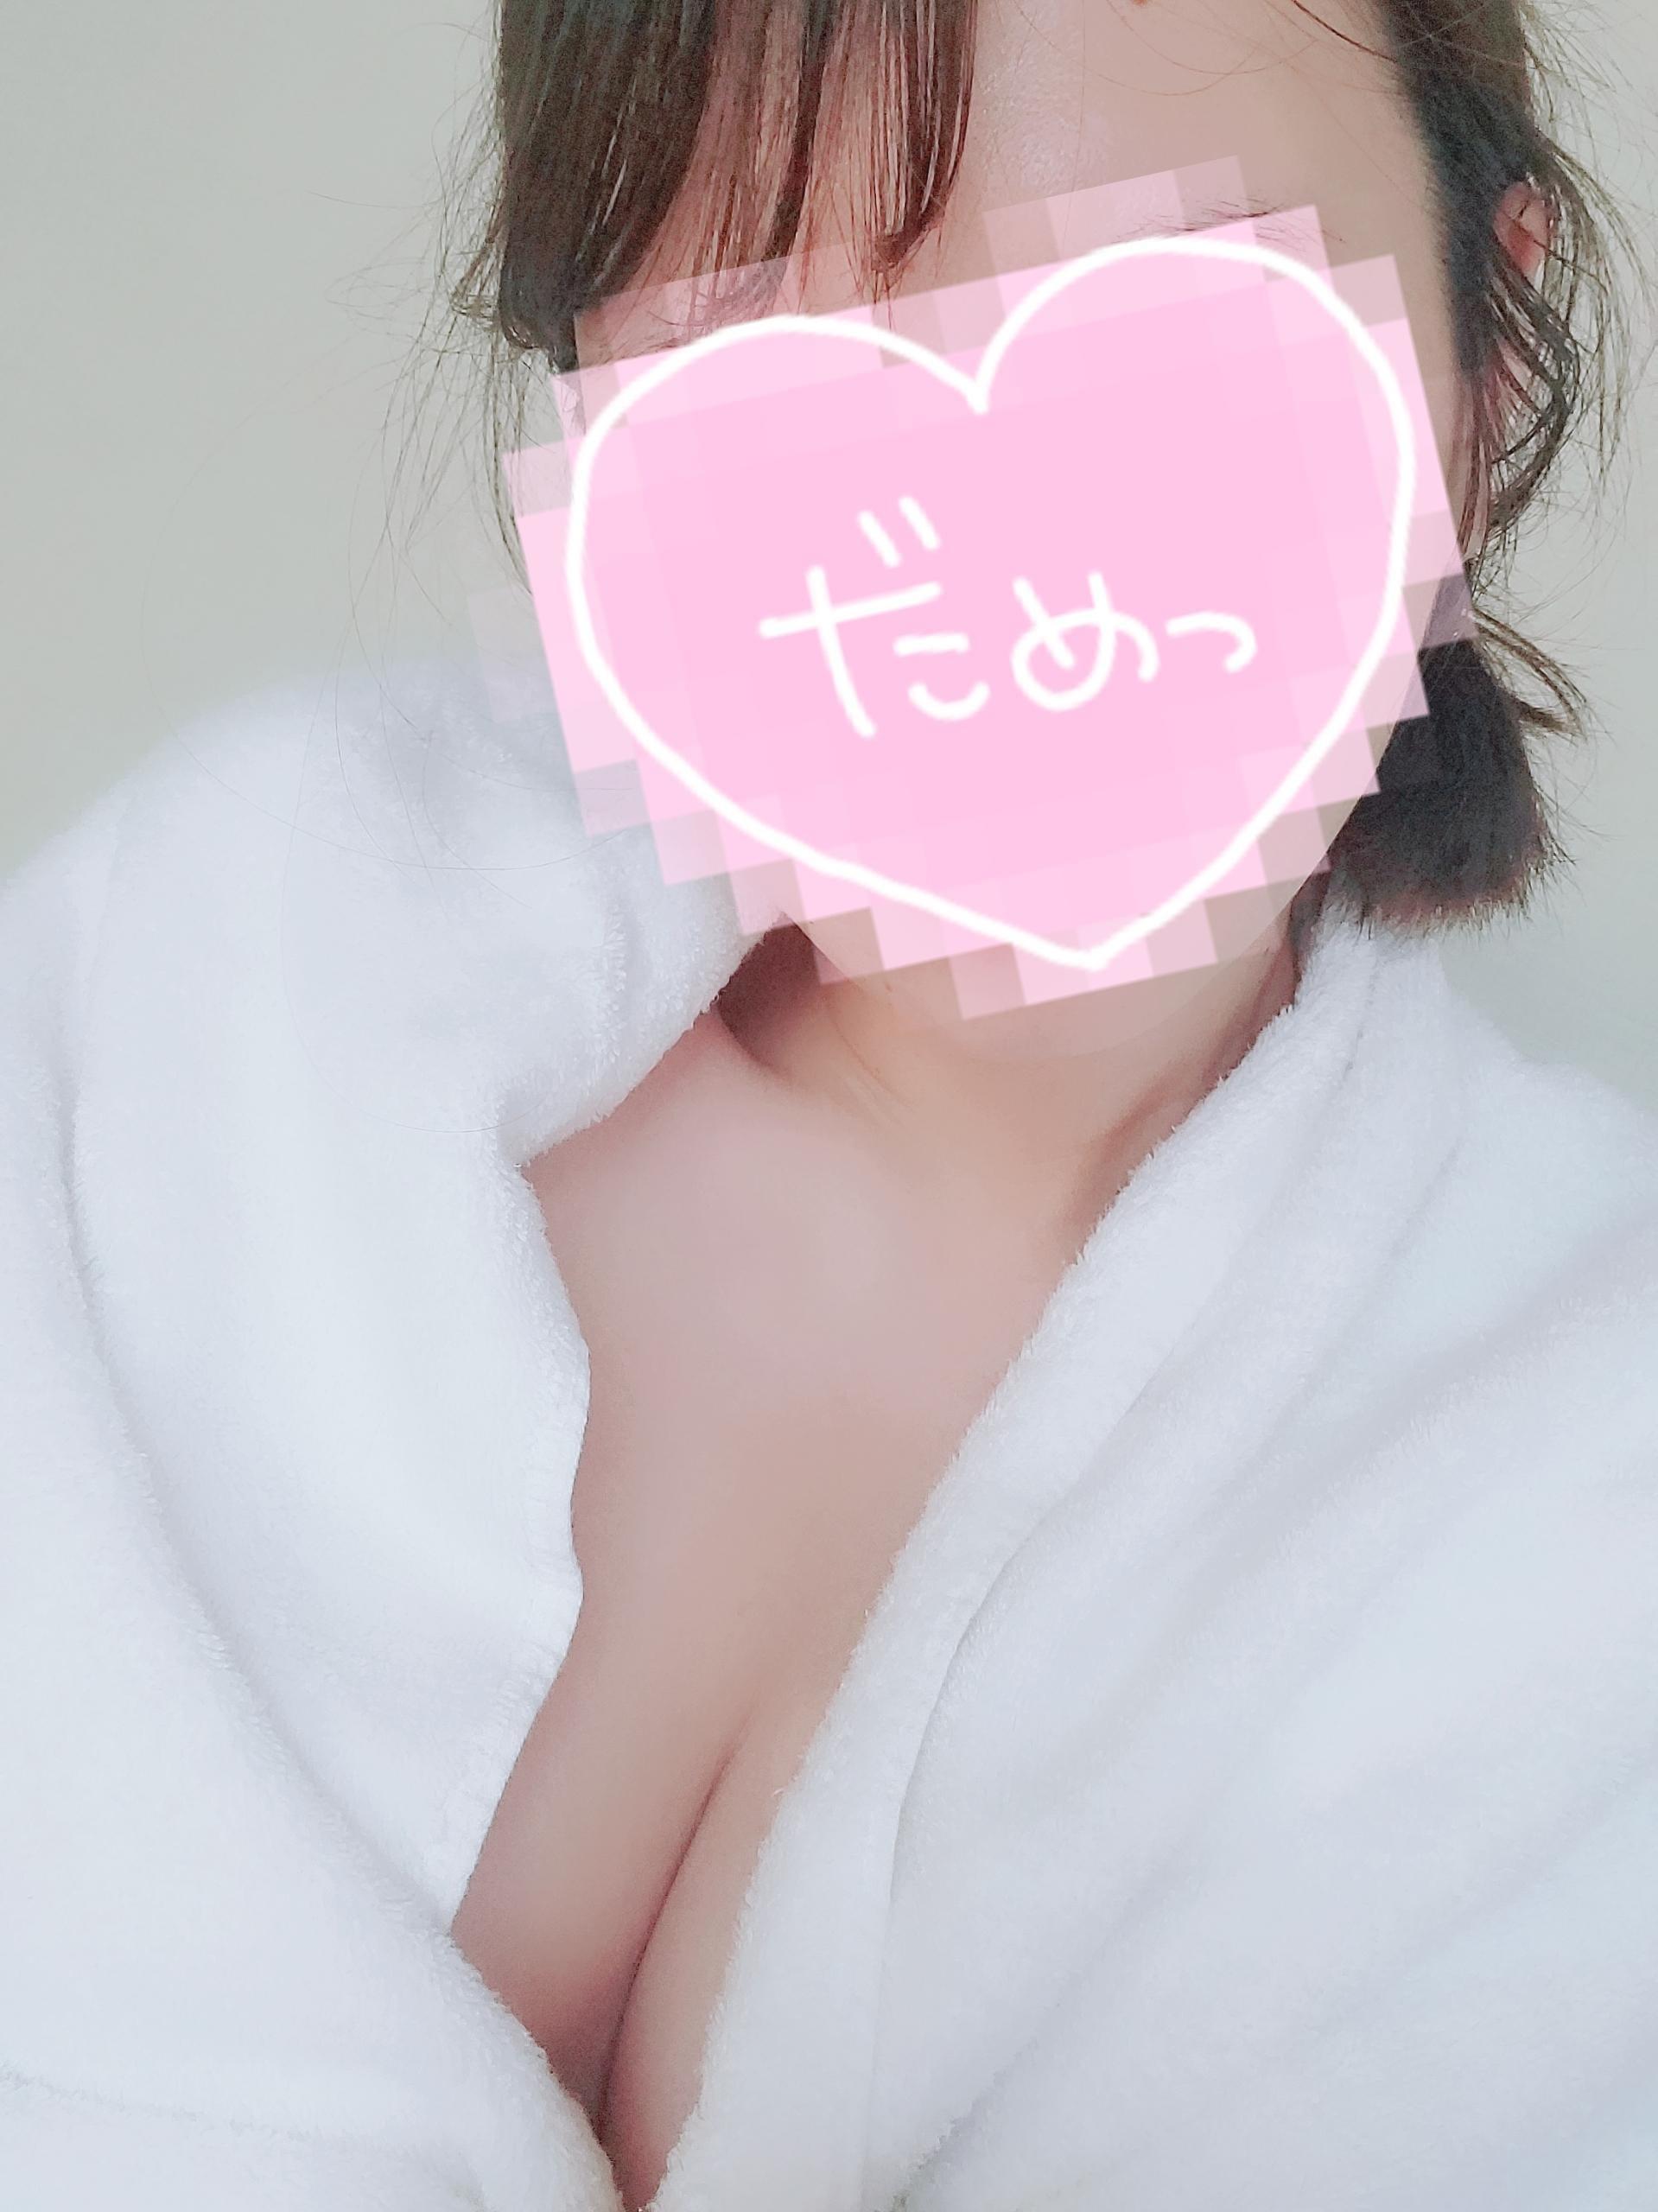 「ありがとう♡」07/29(木) 15:15   瀬戸ゆいなの写メ日記